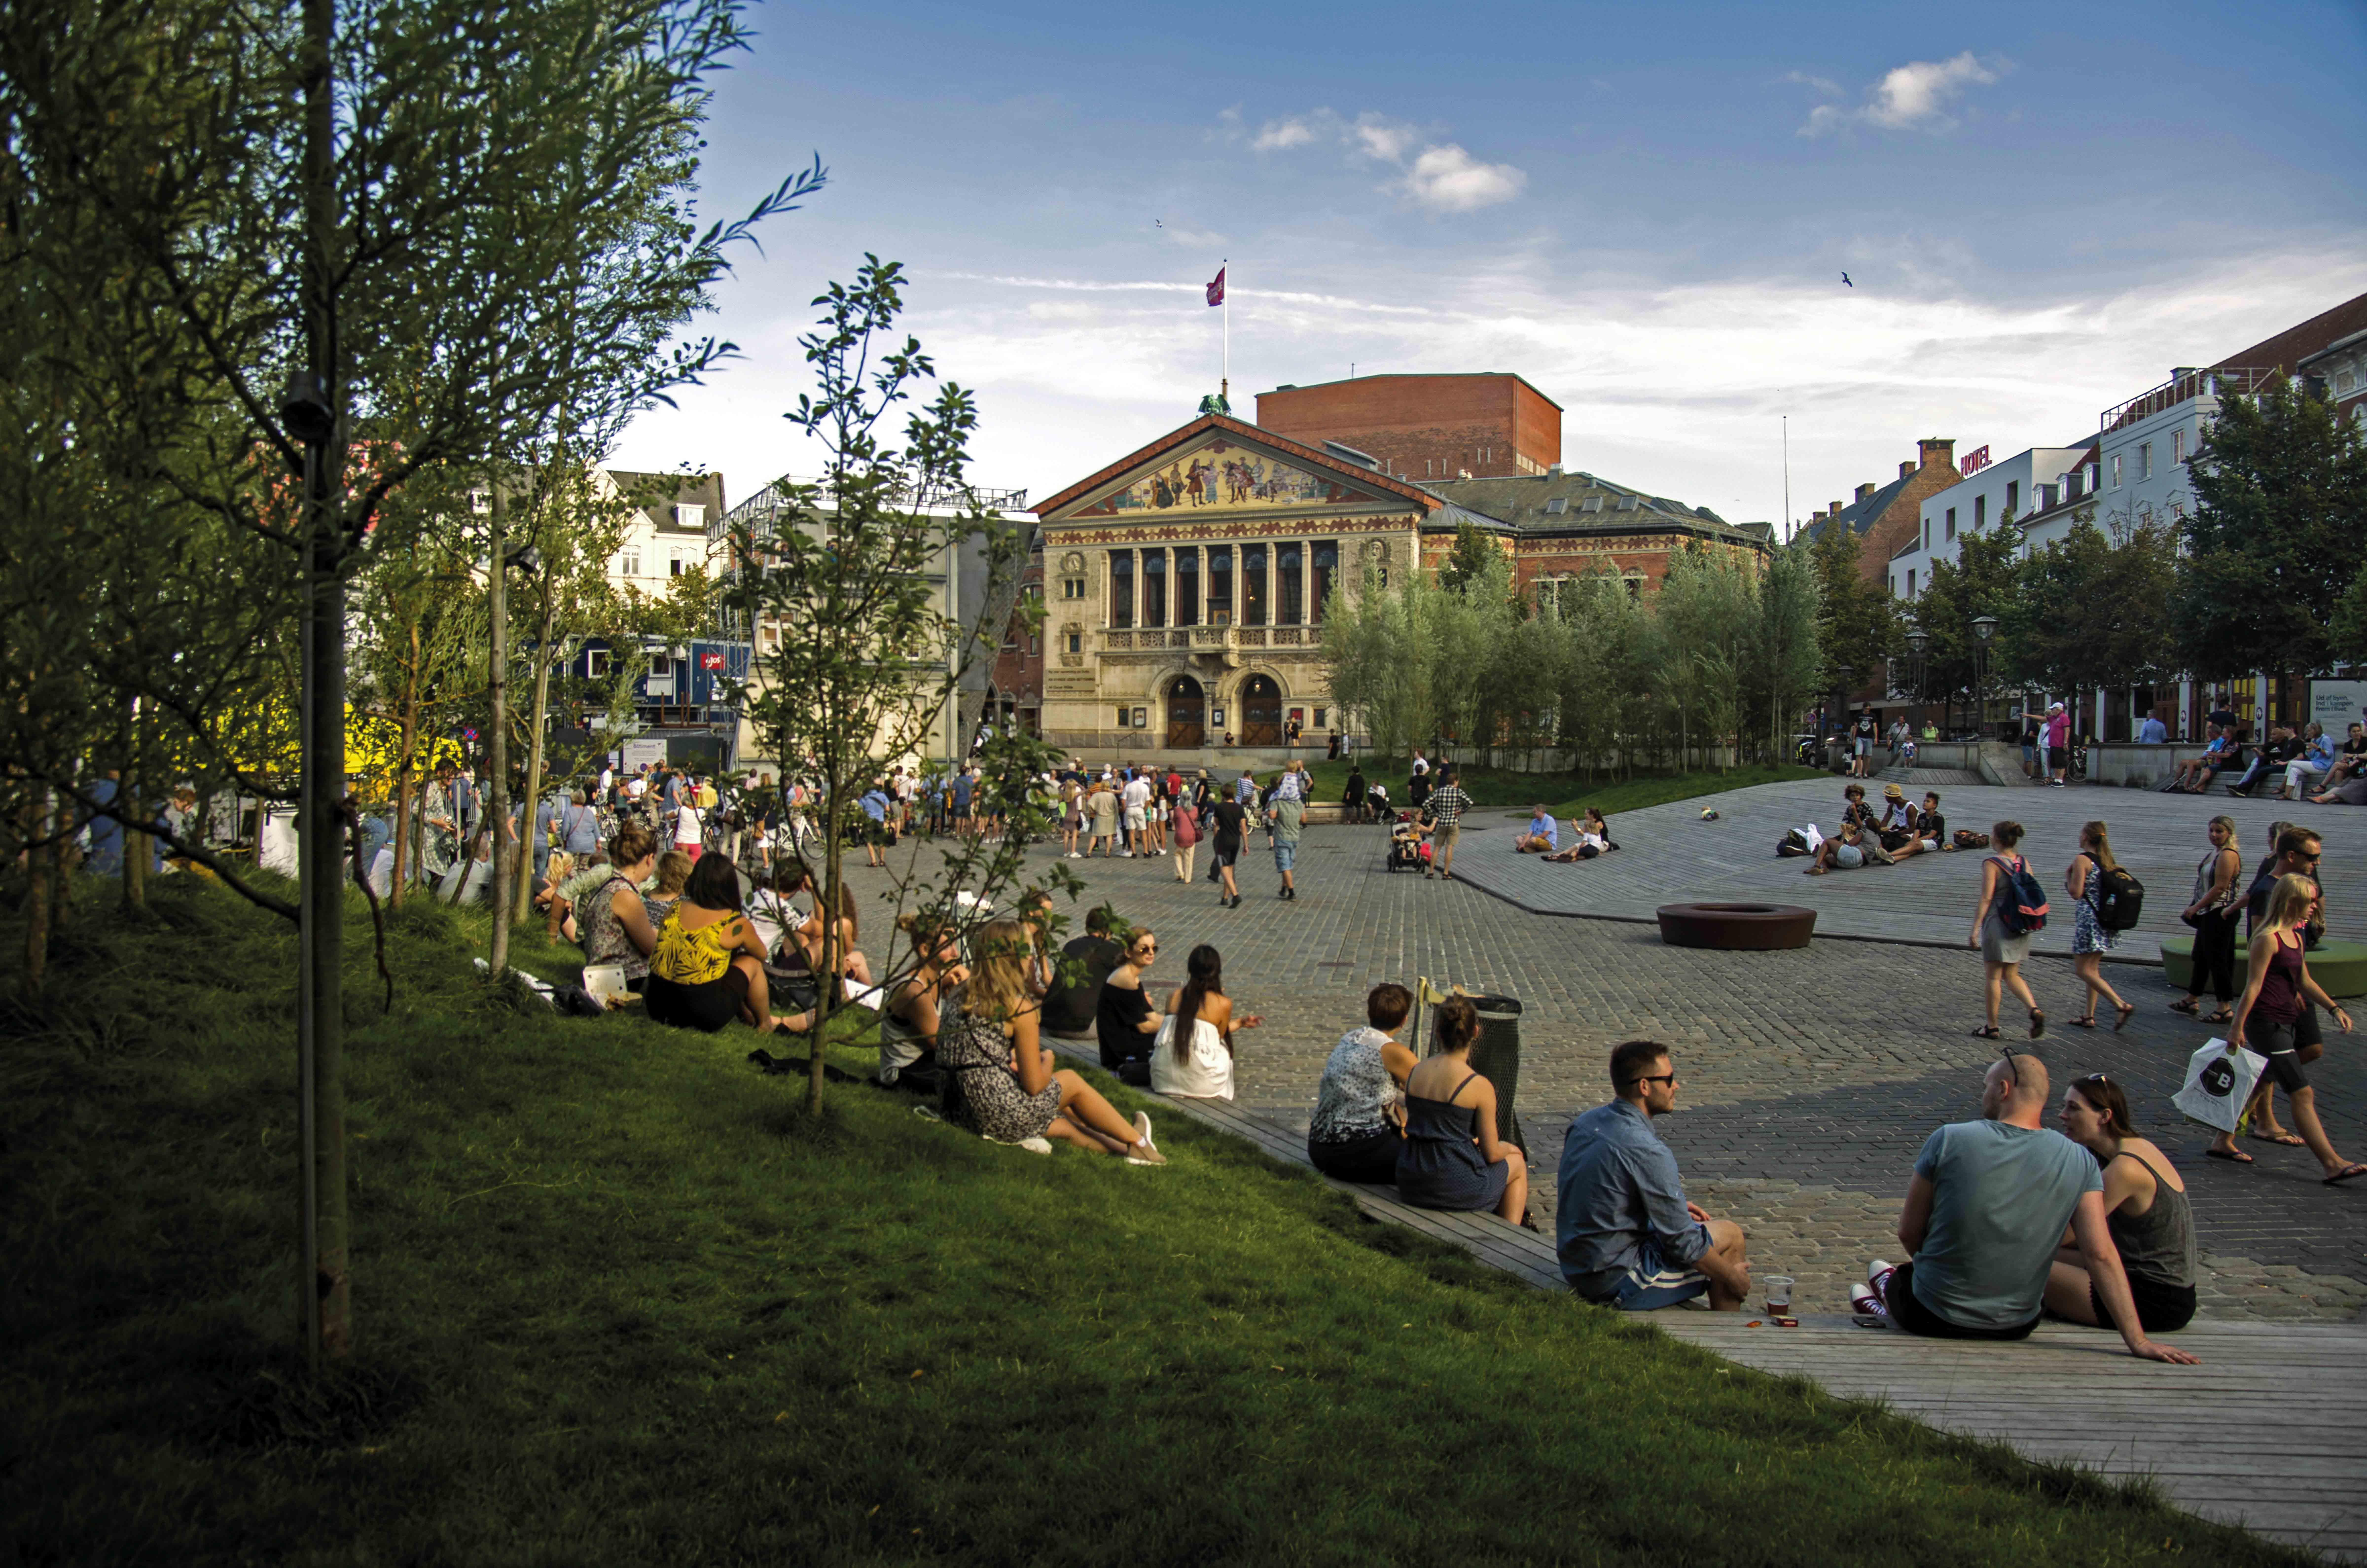 Der Landschaftsarchitekt Sch¯nherr gestaltete Bispetorv am Dom neu mit einem Park.